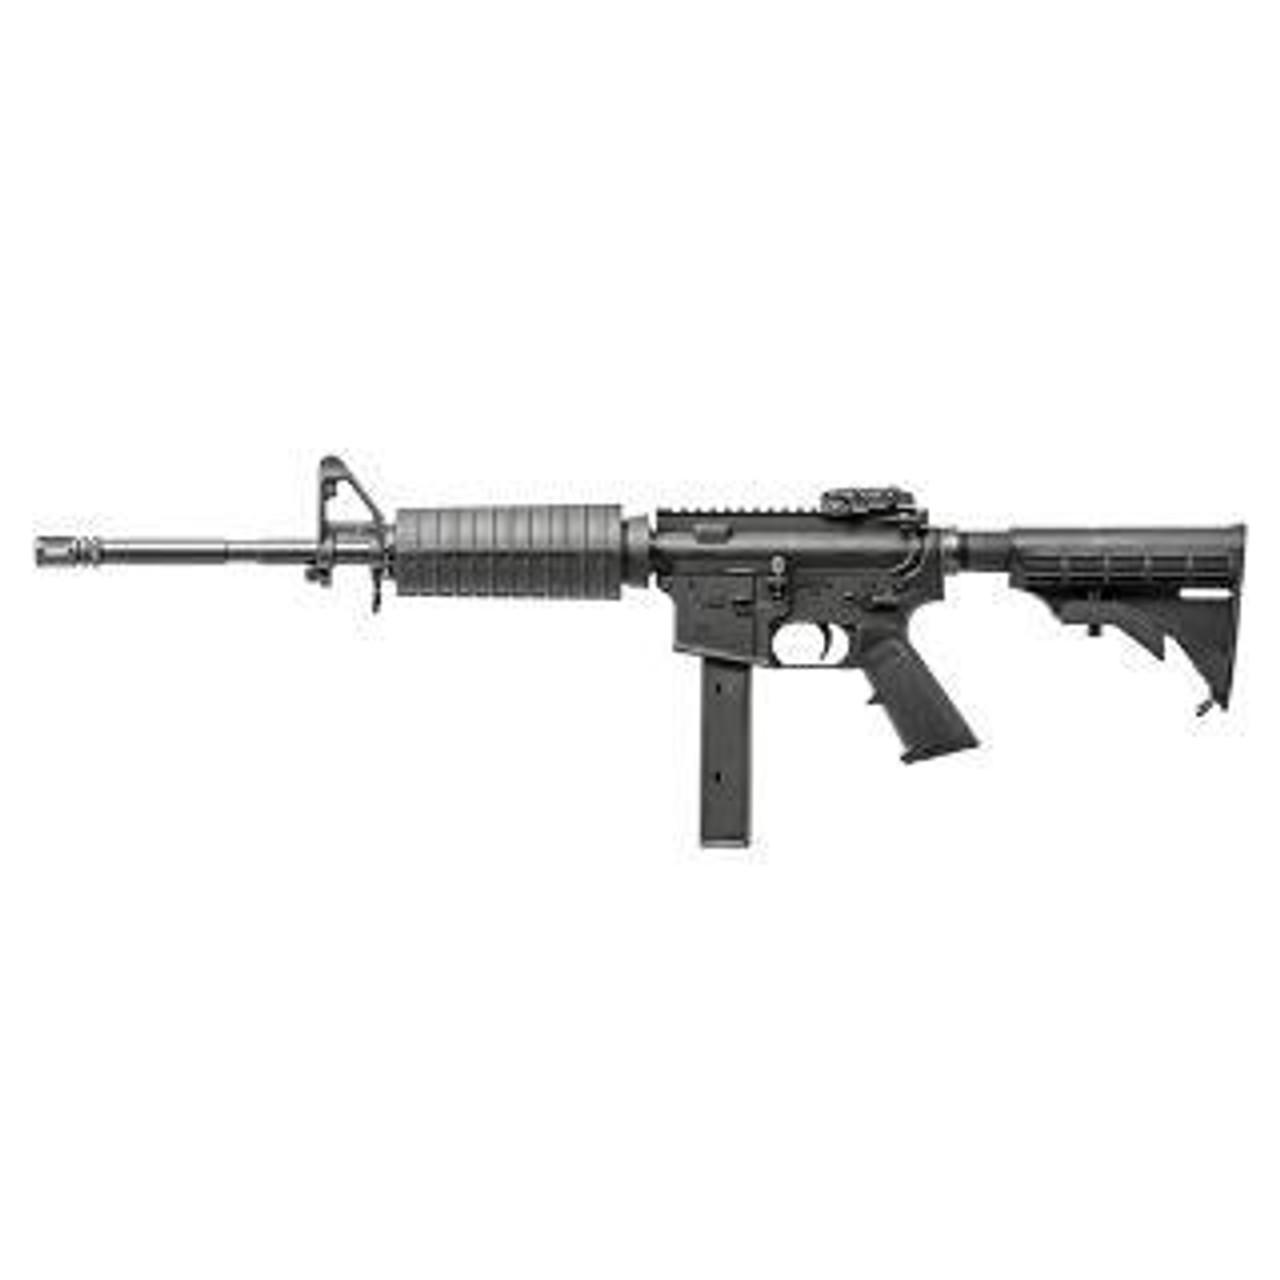 CMMG Mk9 M4LE CALIFORNIA LEGAL -9mm